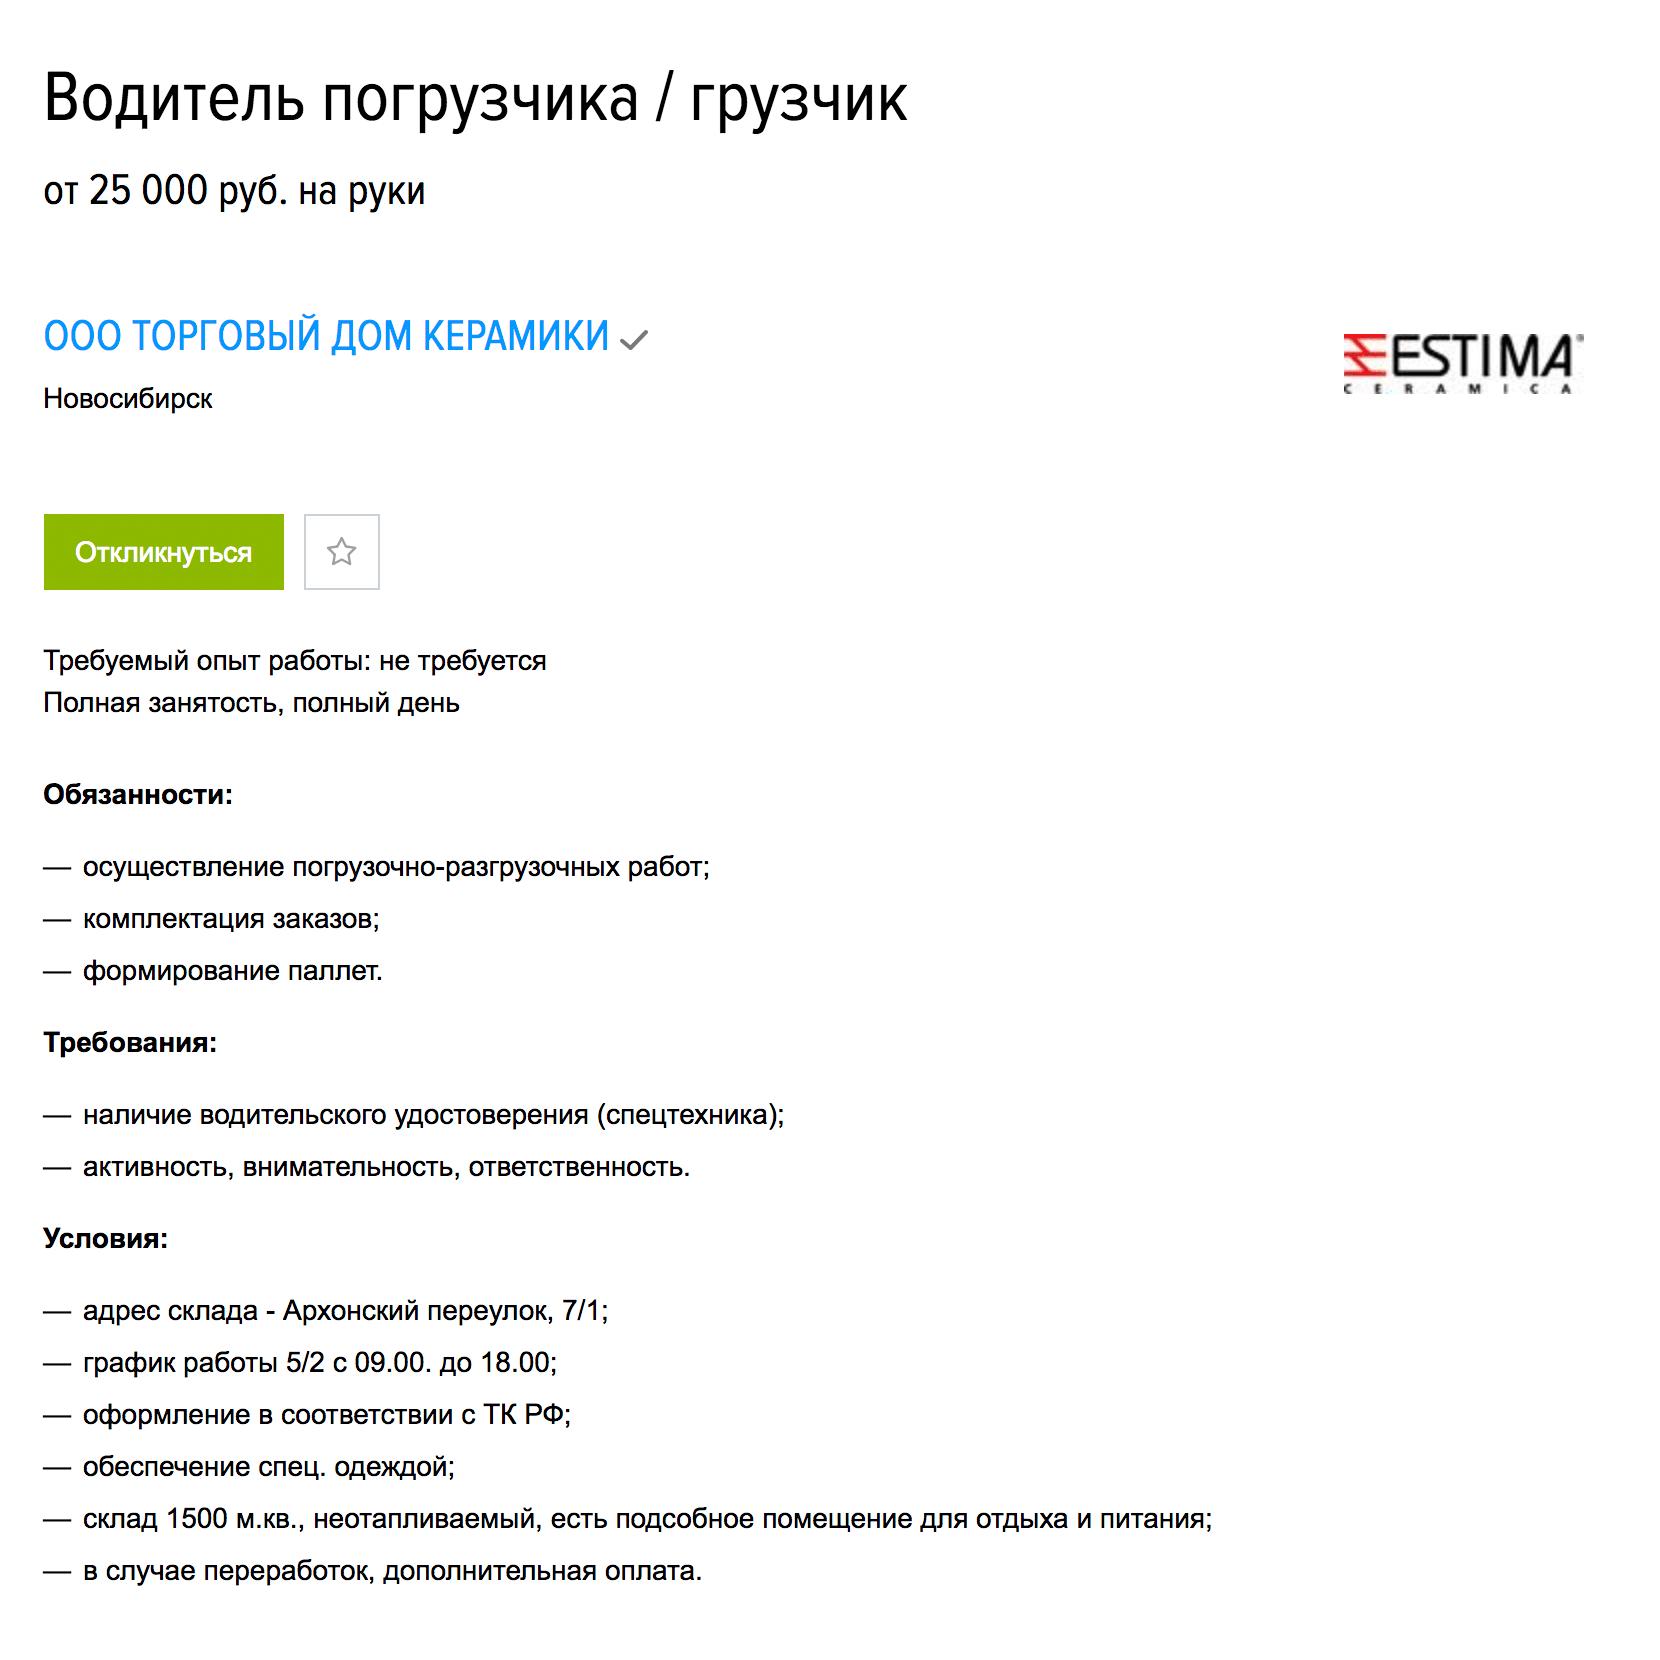 Водителю погрузчика в Новосибирске готовы платить 25 тысяч рублей. Опыт работы не требуется, но нужны водительские права на спецтехнику. Спецодежду выдадут, в подсобку пустят. Вакансия на «Хедхантере»